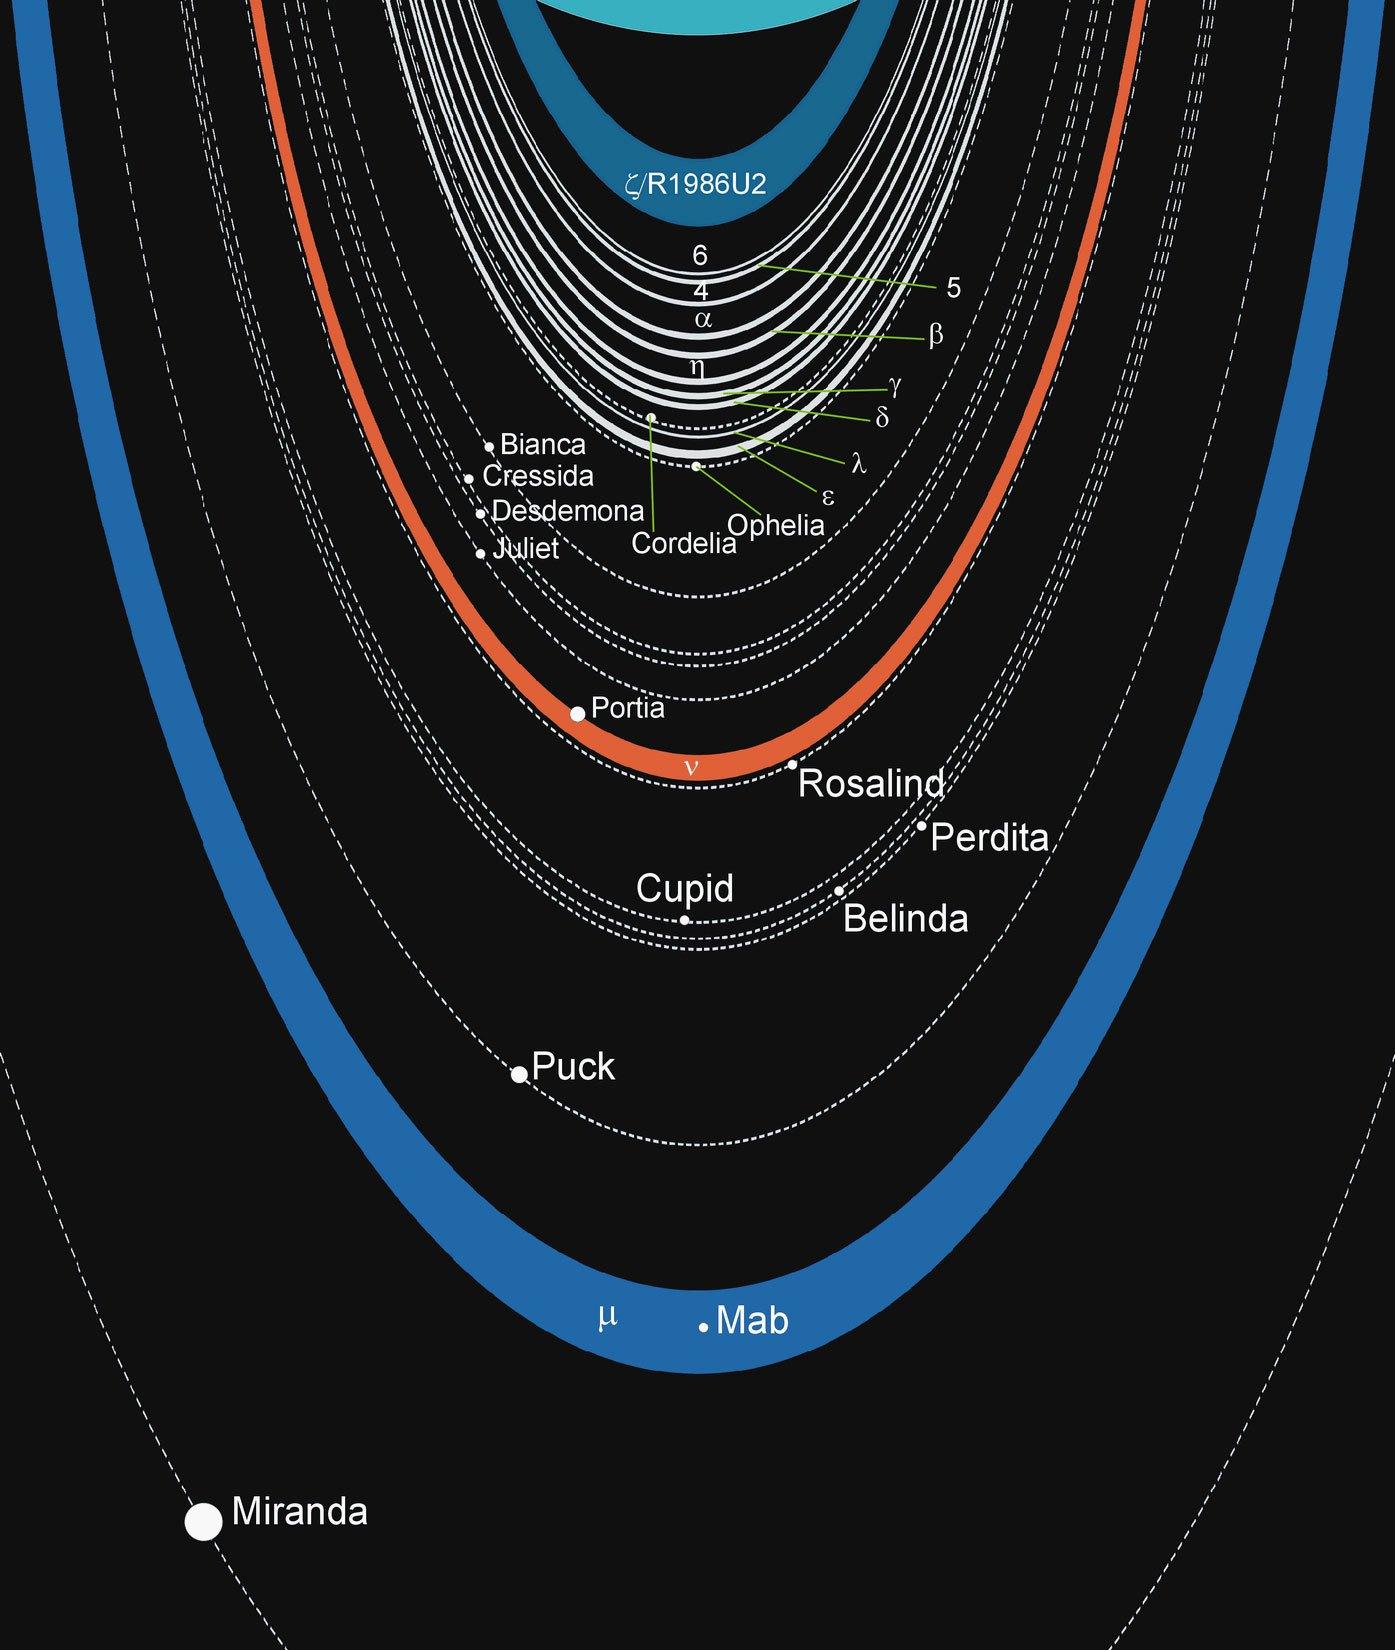 Schéma uranových prstenců s vyznačením drah známých měsíců. Zdroj: https://upload.wikimedia.org